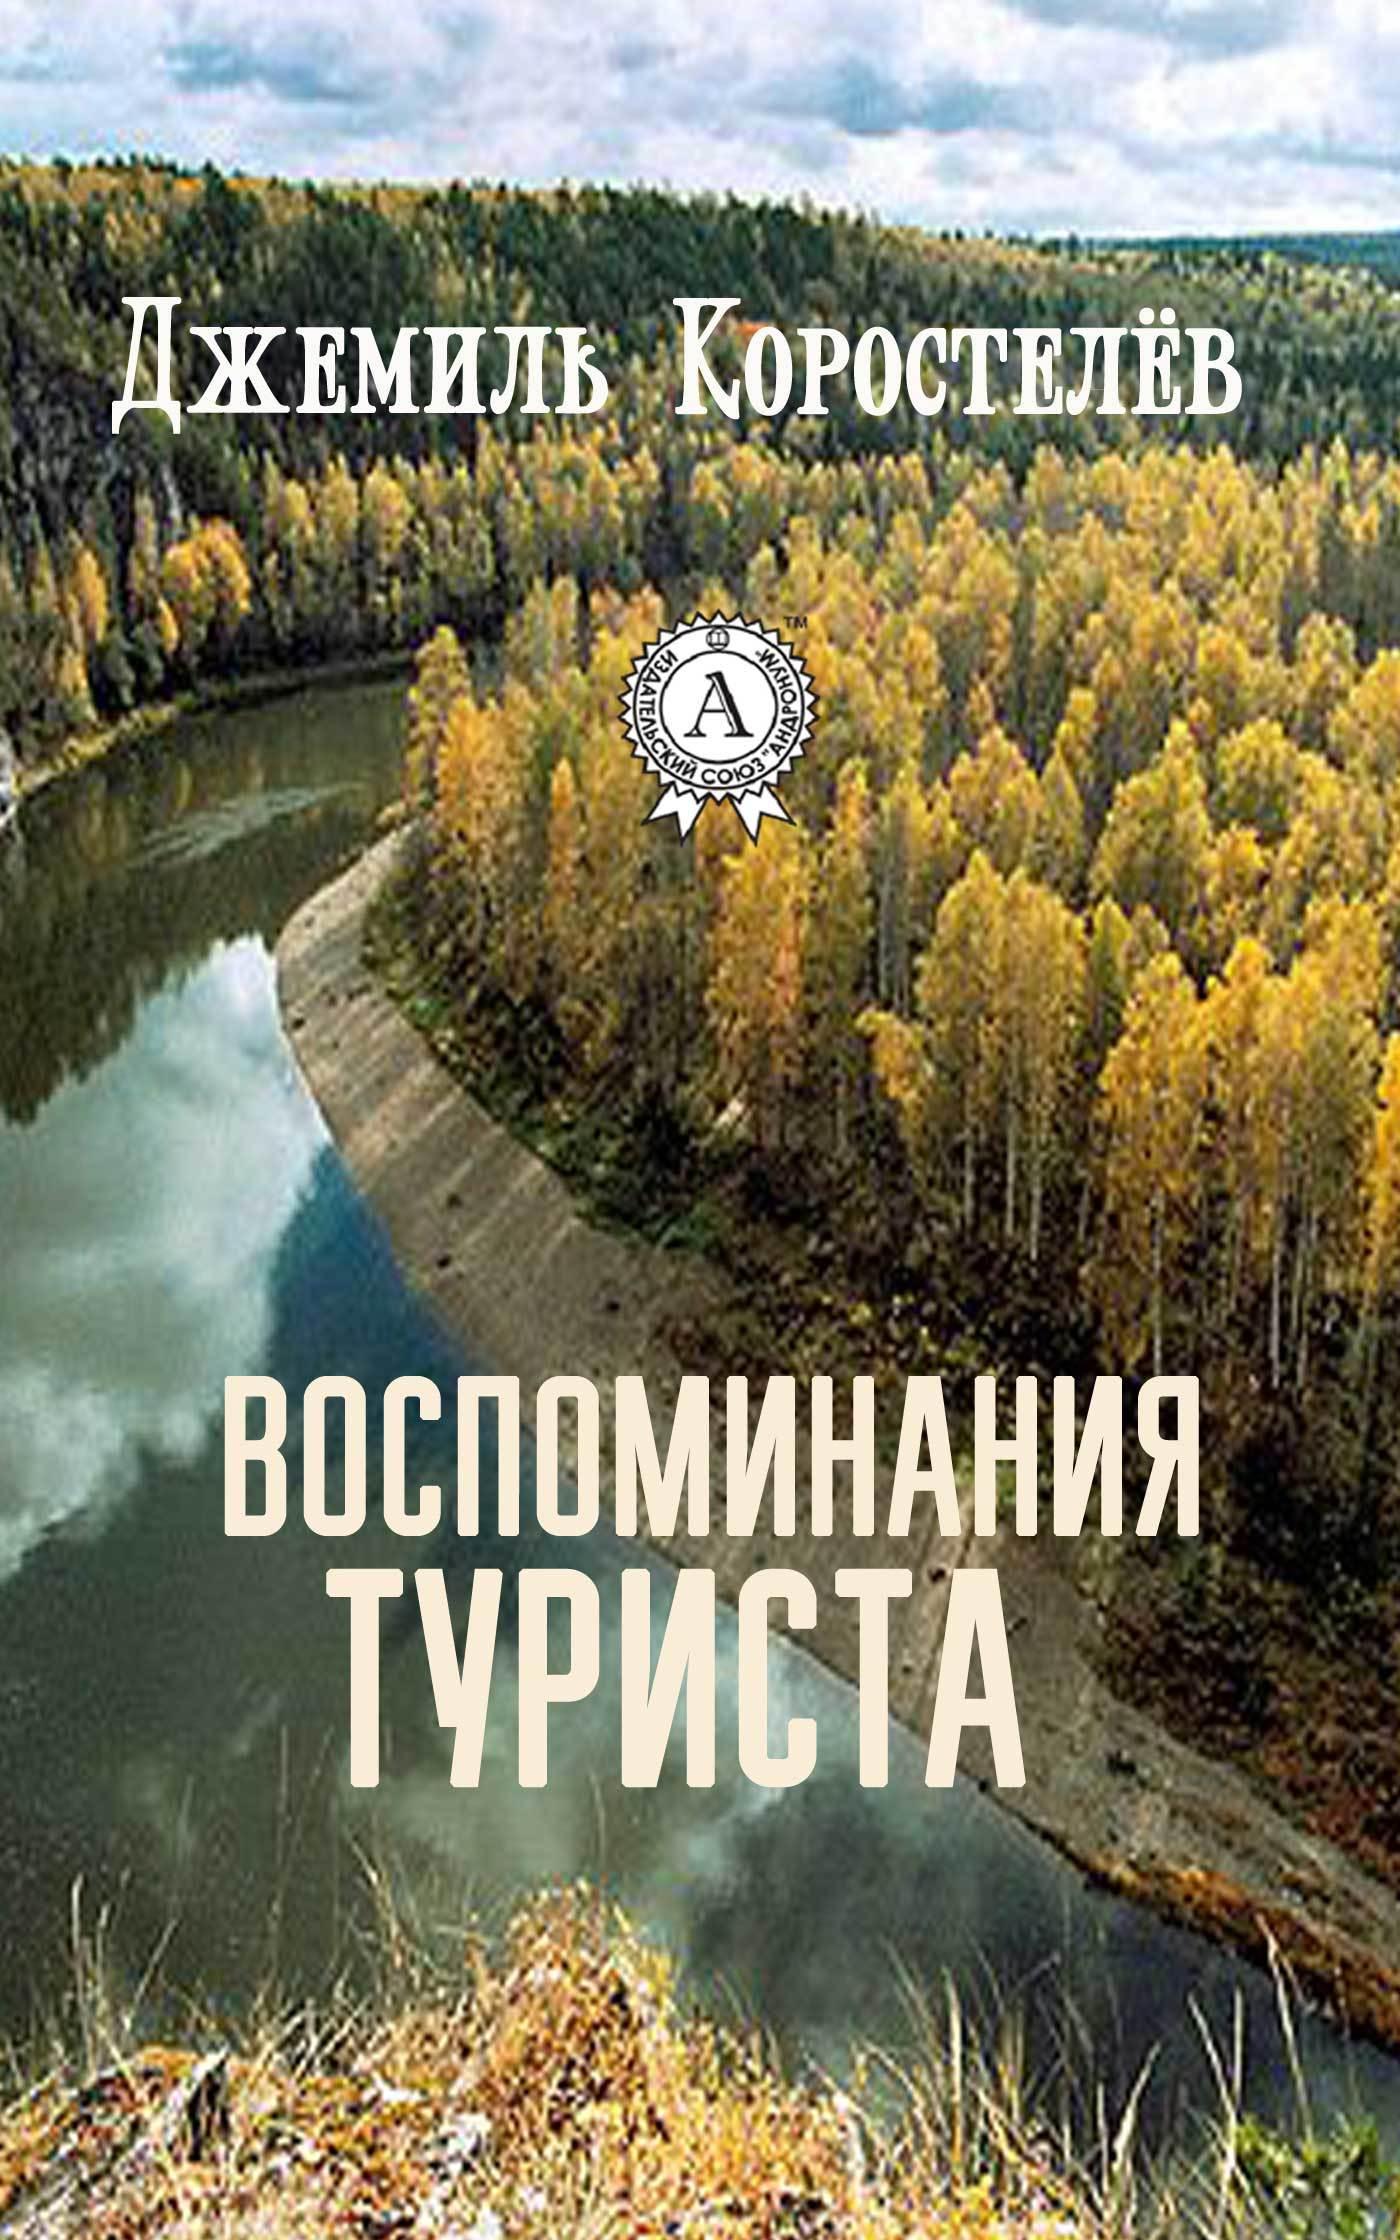 Джемиль Коростелёв - Воспоминания туриста